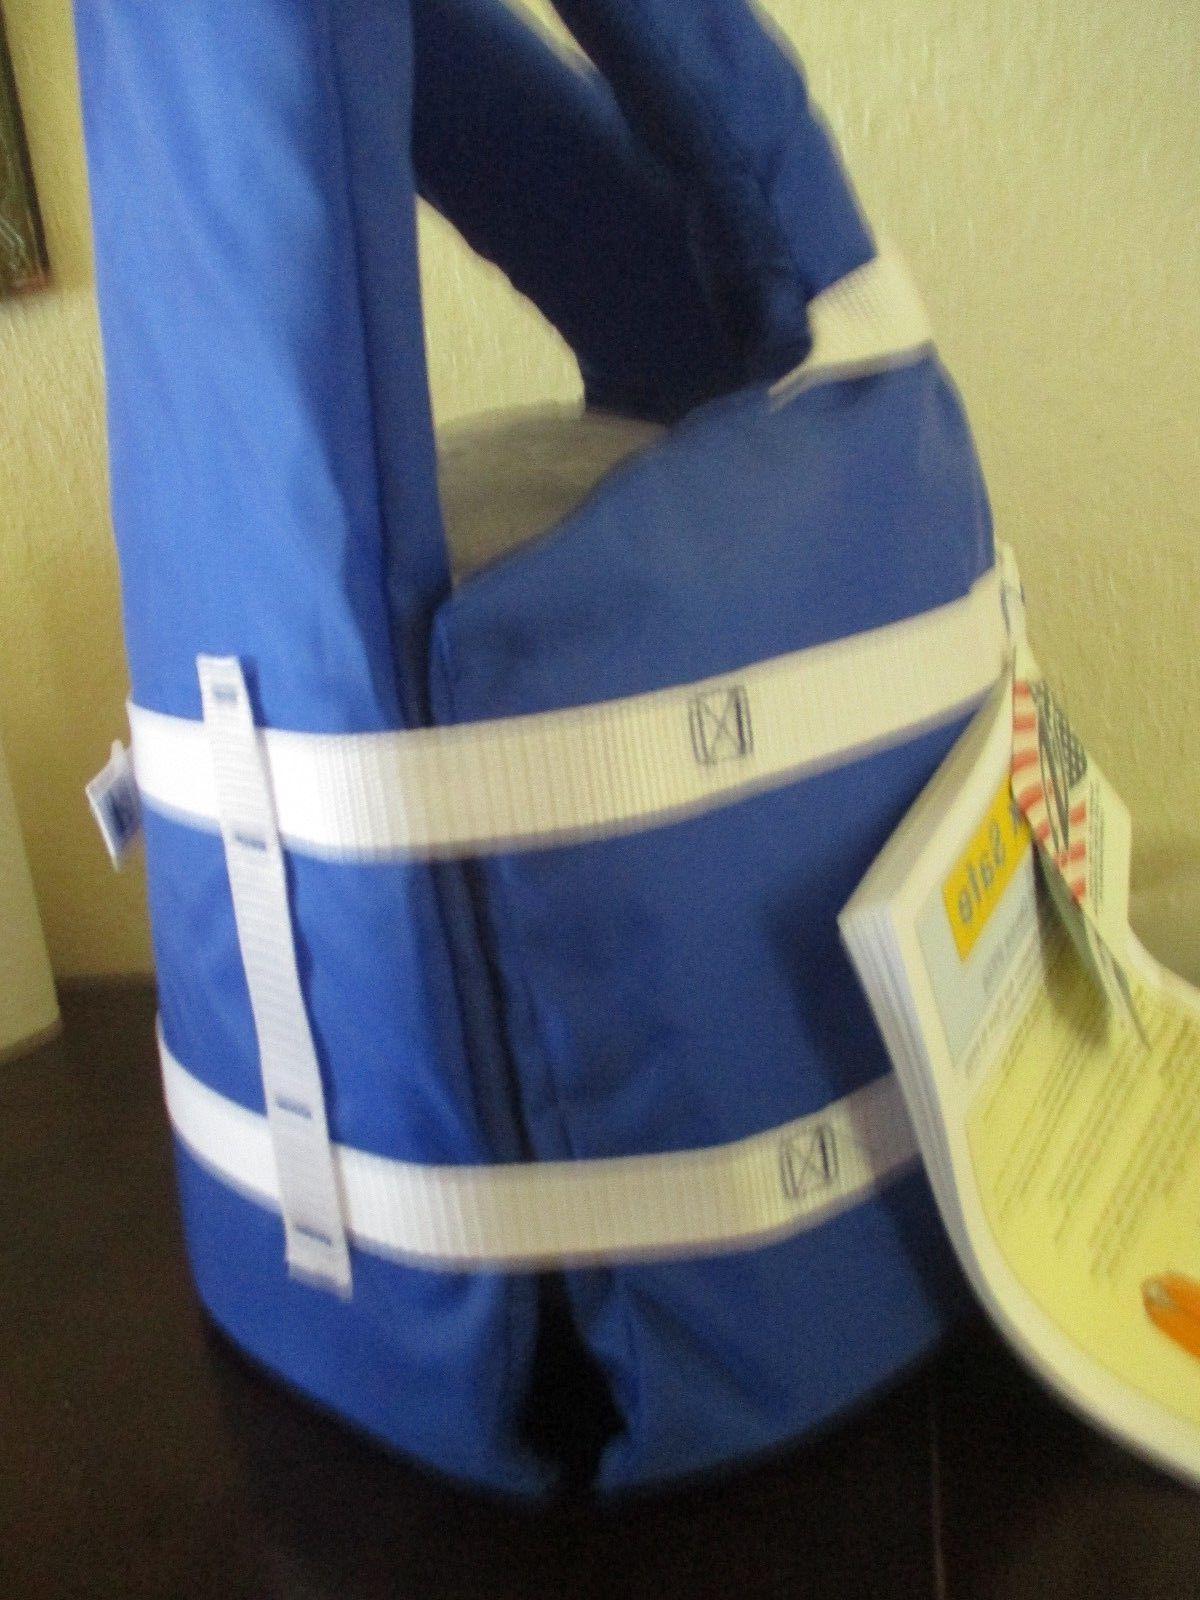 COLEMAN Stearns Universal Jacket Boating Vest BLUE